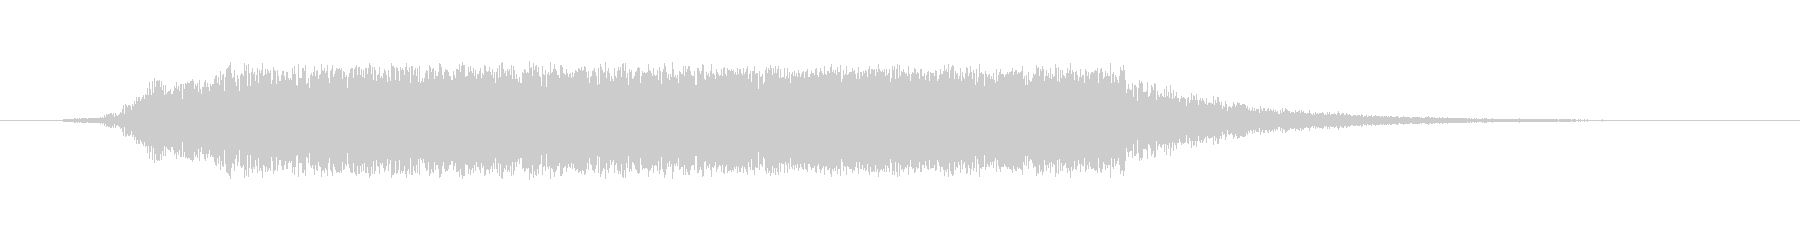 ワミークライムの未再生の波形